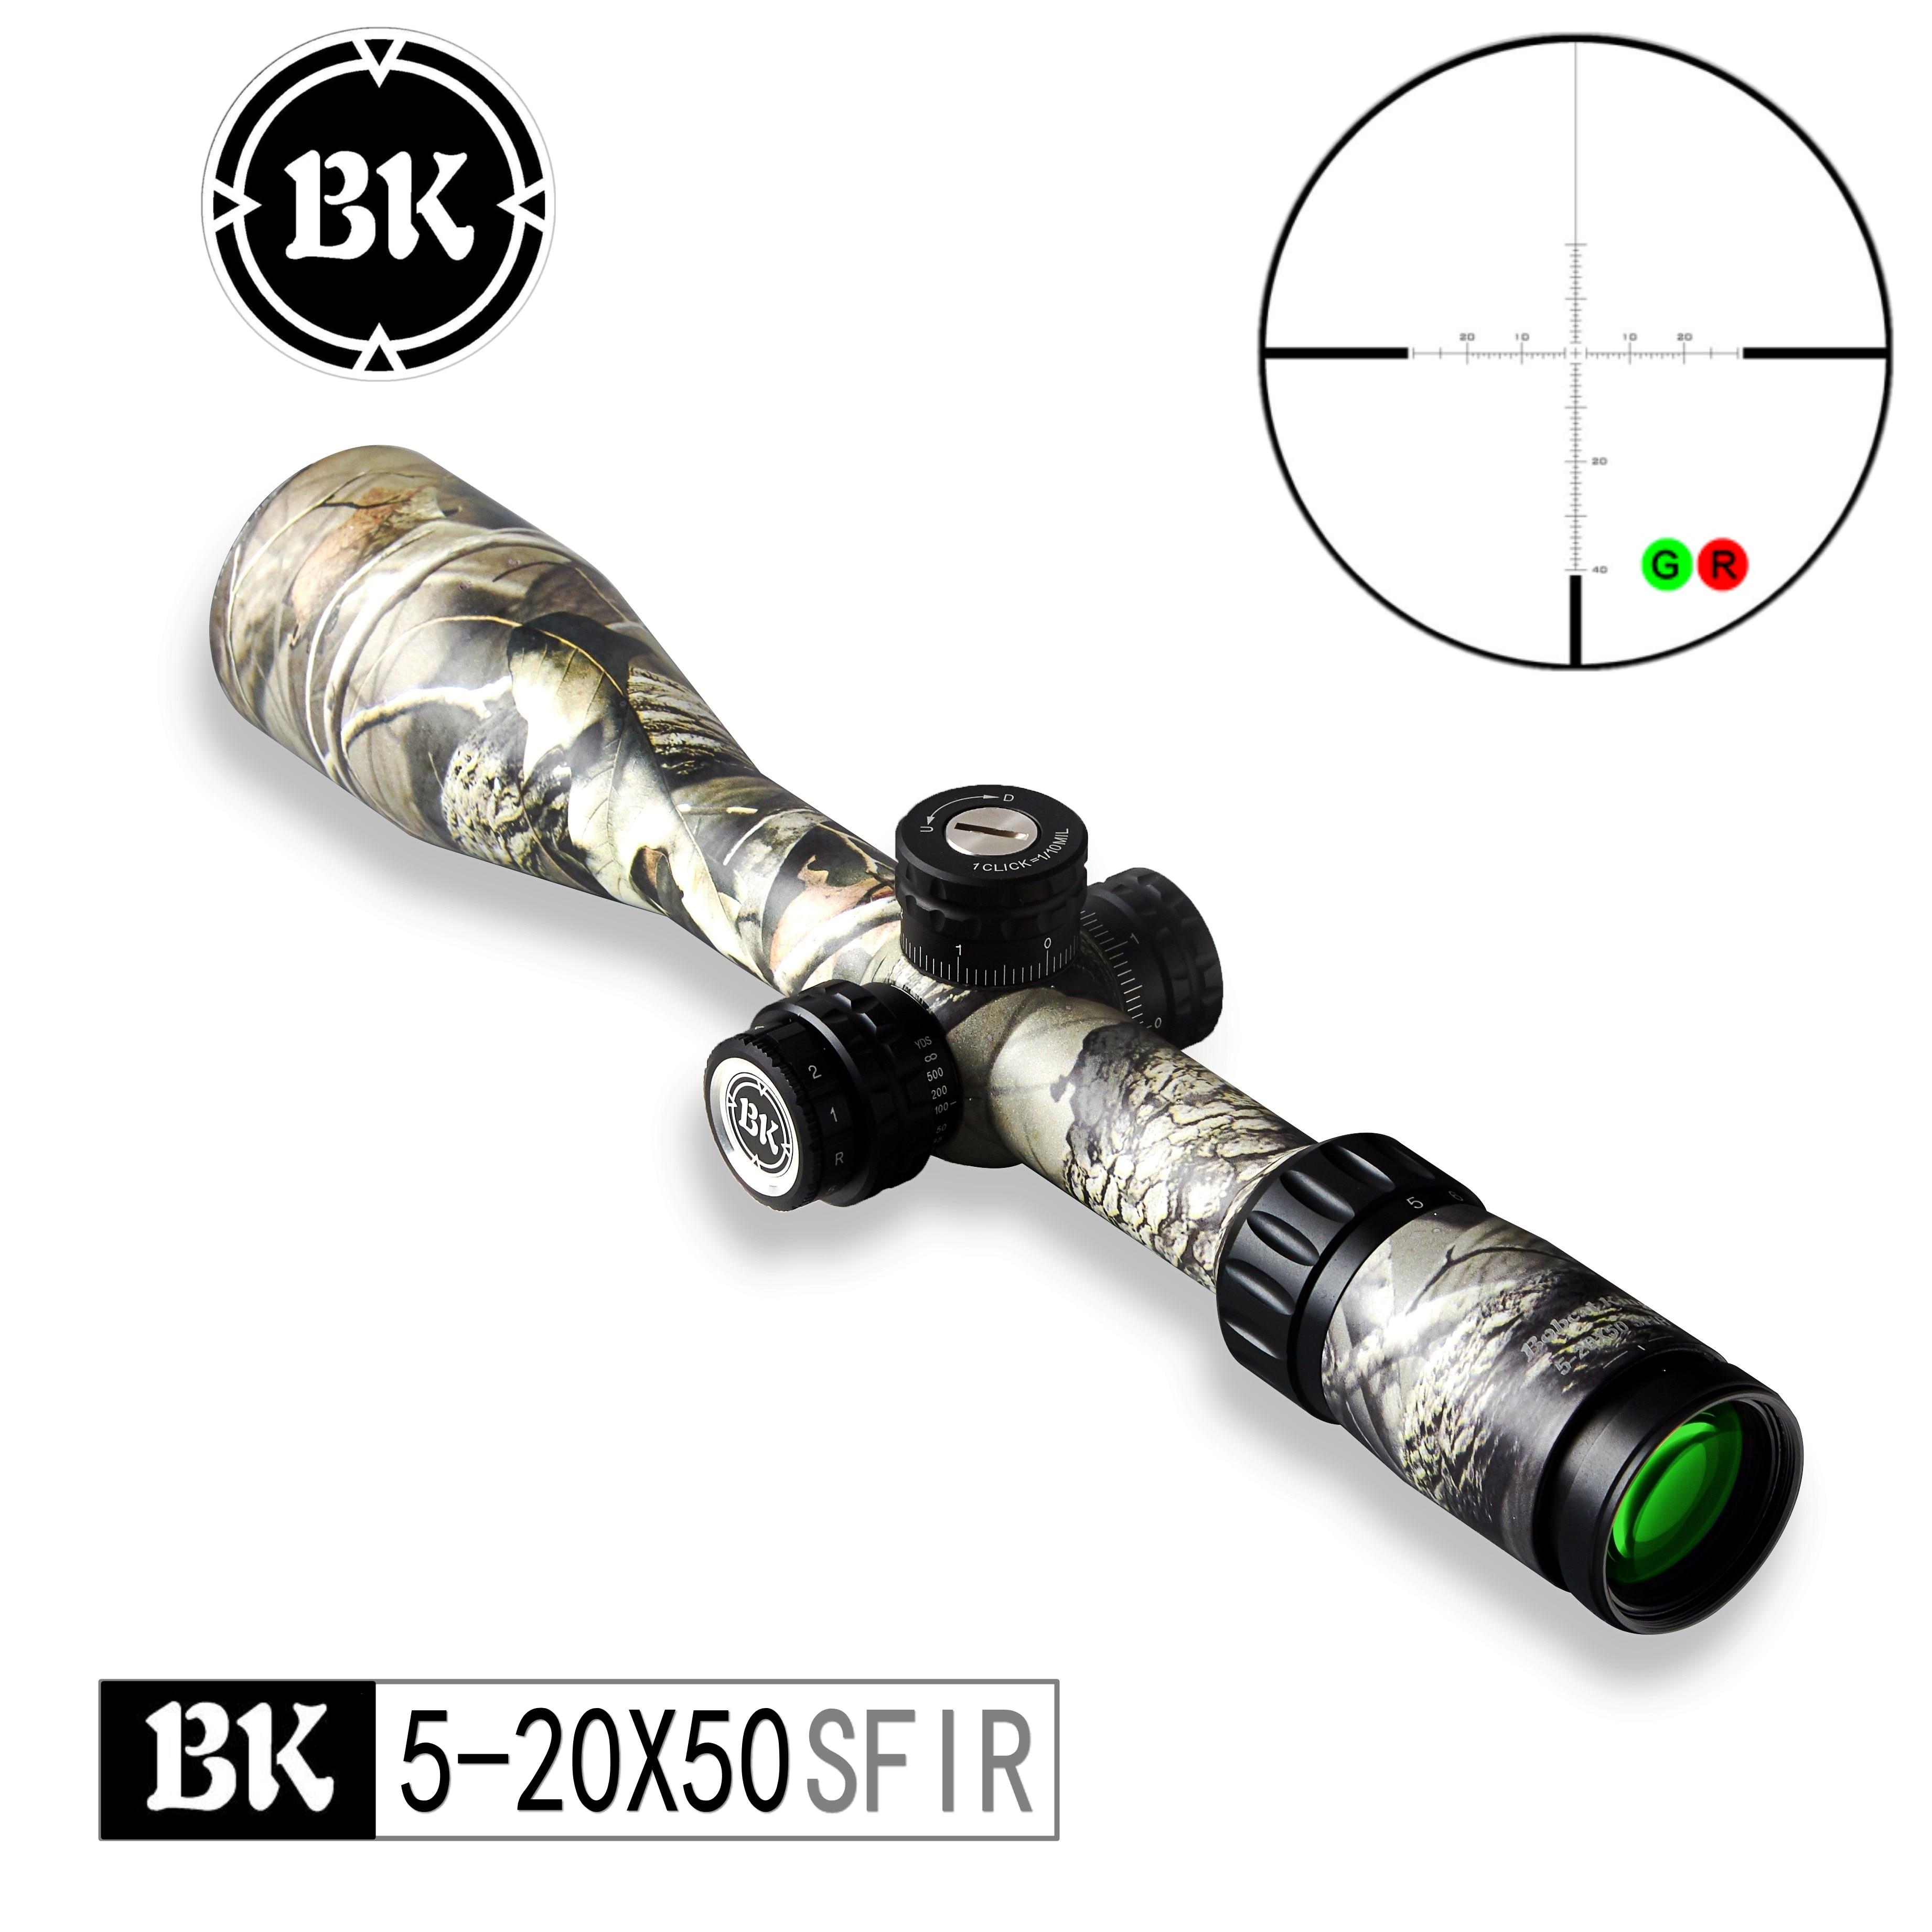 Bobcat King Optics BK 5 20X50 SFIR Камуфляжный внешний вид, тактический оптический прицел, снайперская охотничья винтовка, прицел для пневматического руж